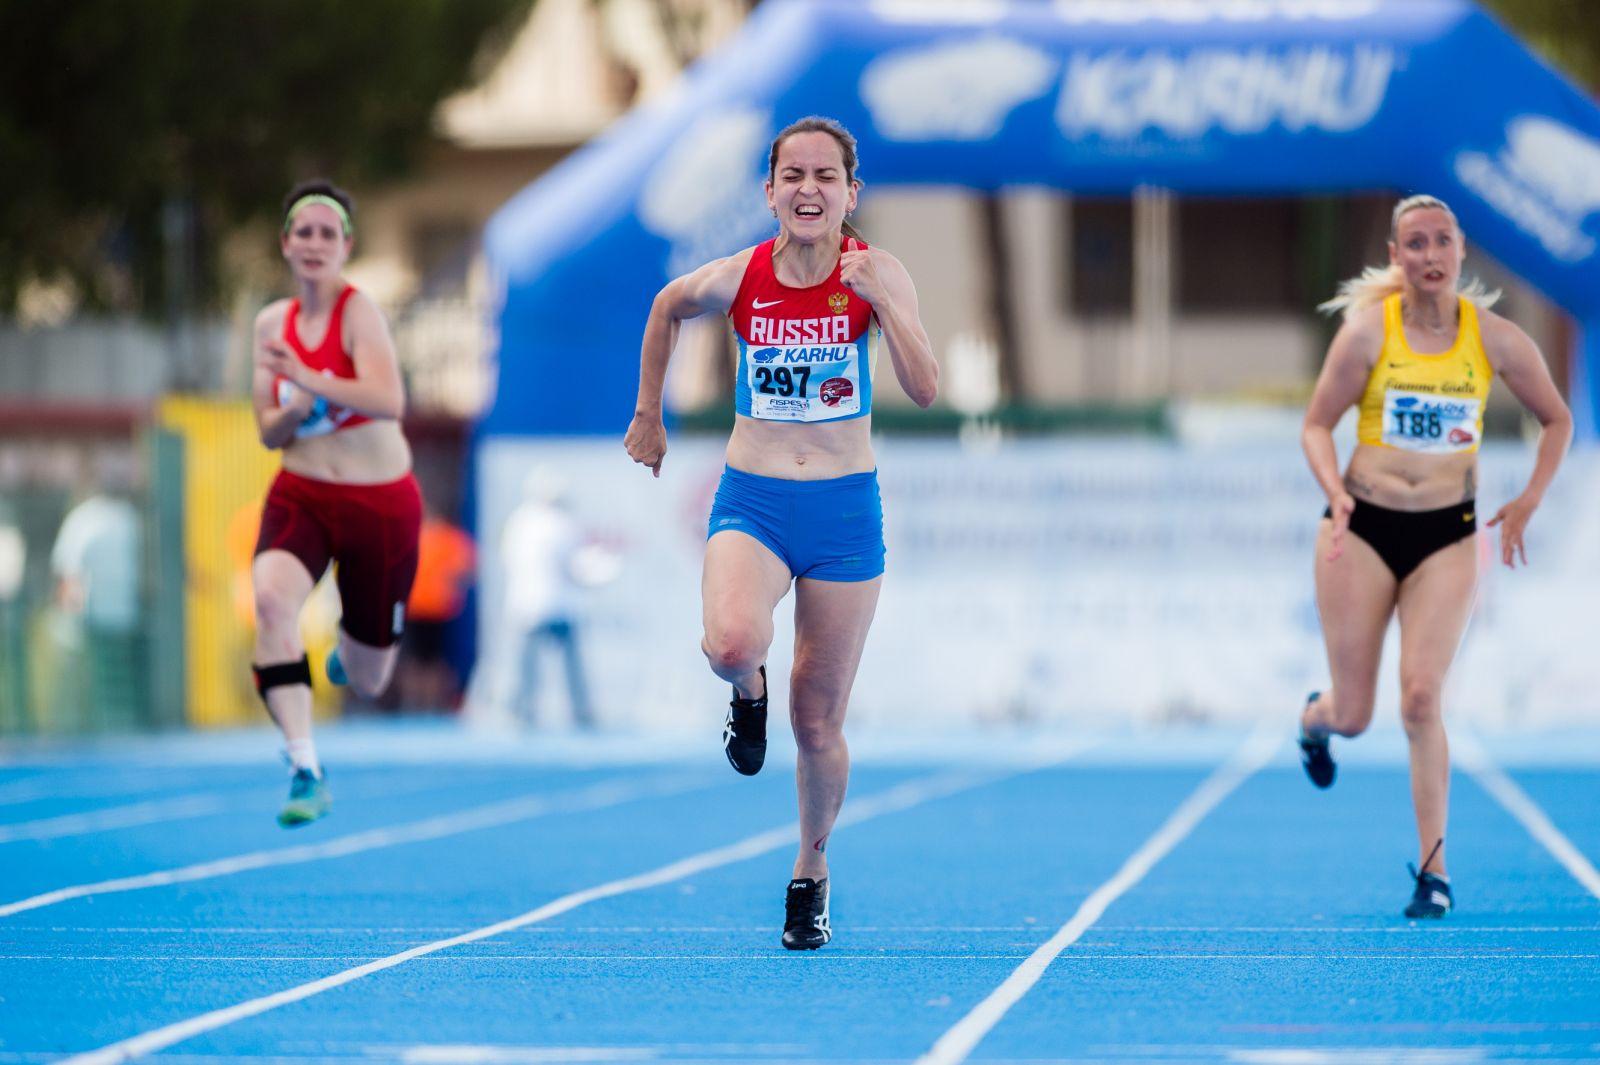 Российские спортсмены 22 раза возглавили итоговый протокол открытого чемпионата Италии – этапа гран-при по легкой атлетике Международного паралимпийского комитета